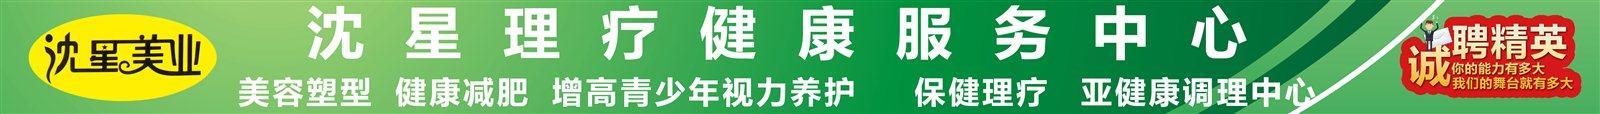 贵州开阳县沈星云兮健康管理服务部